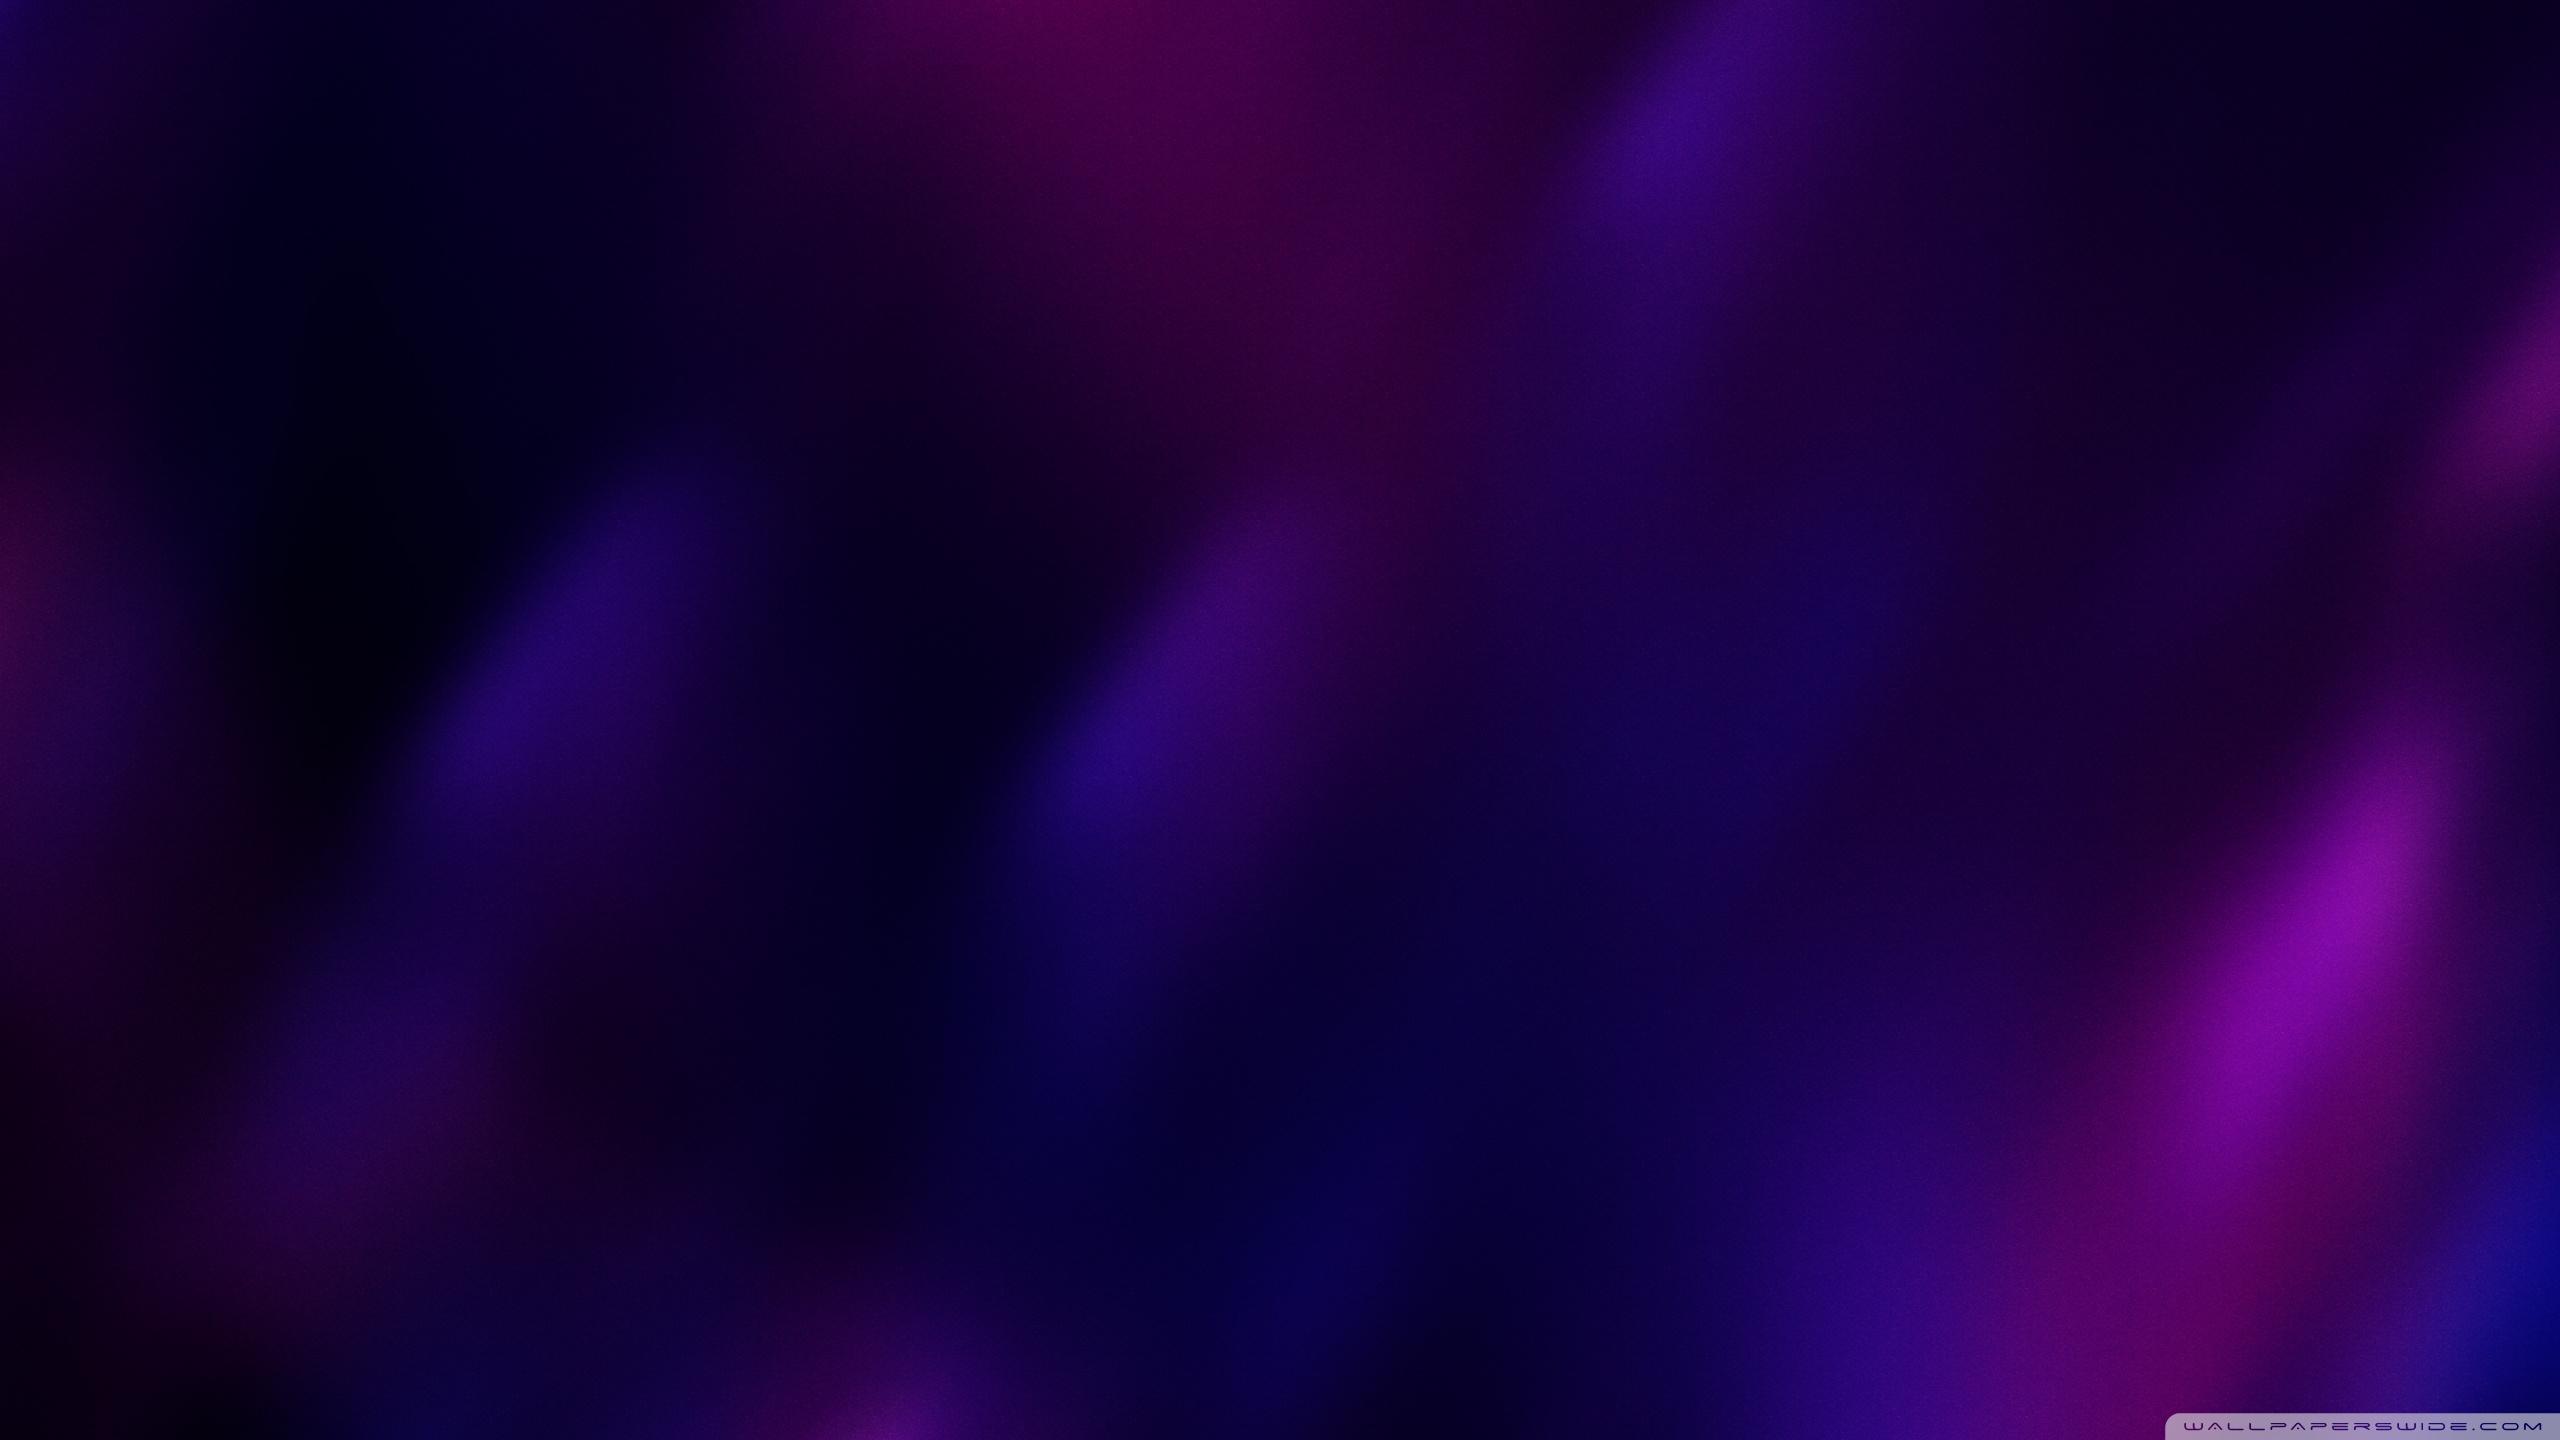 dark purple colors 4k hd desktop wallpaper for 4k ultra hd tv